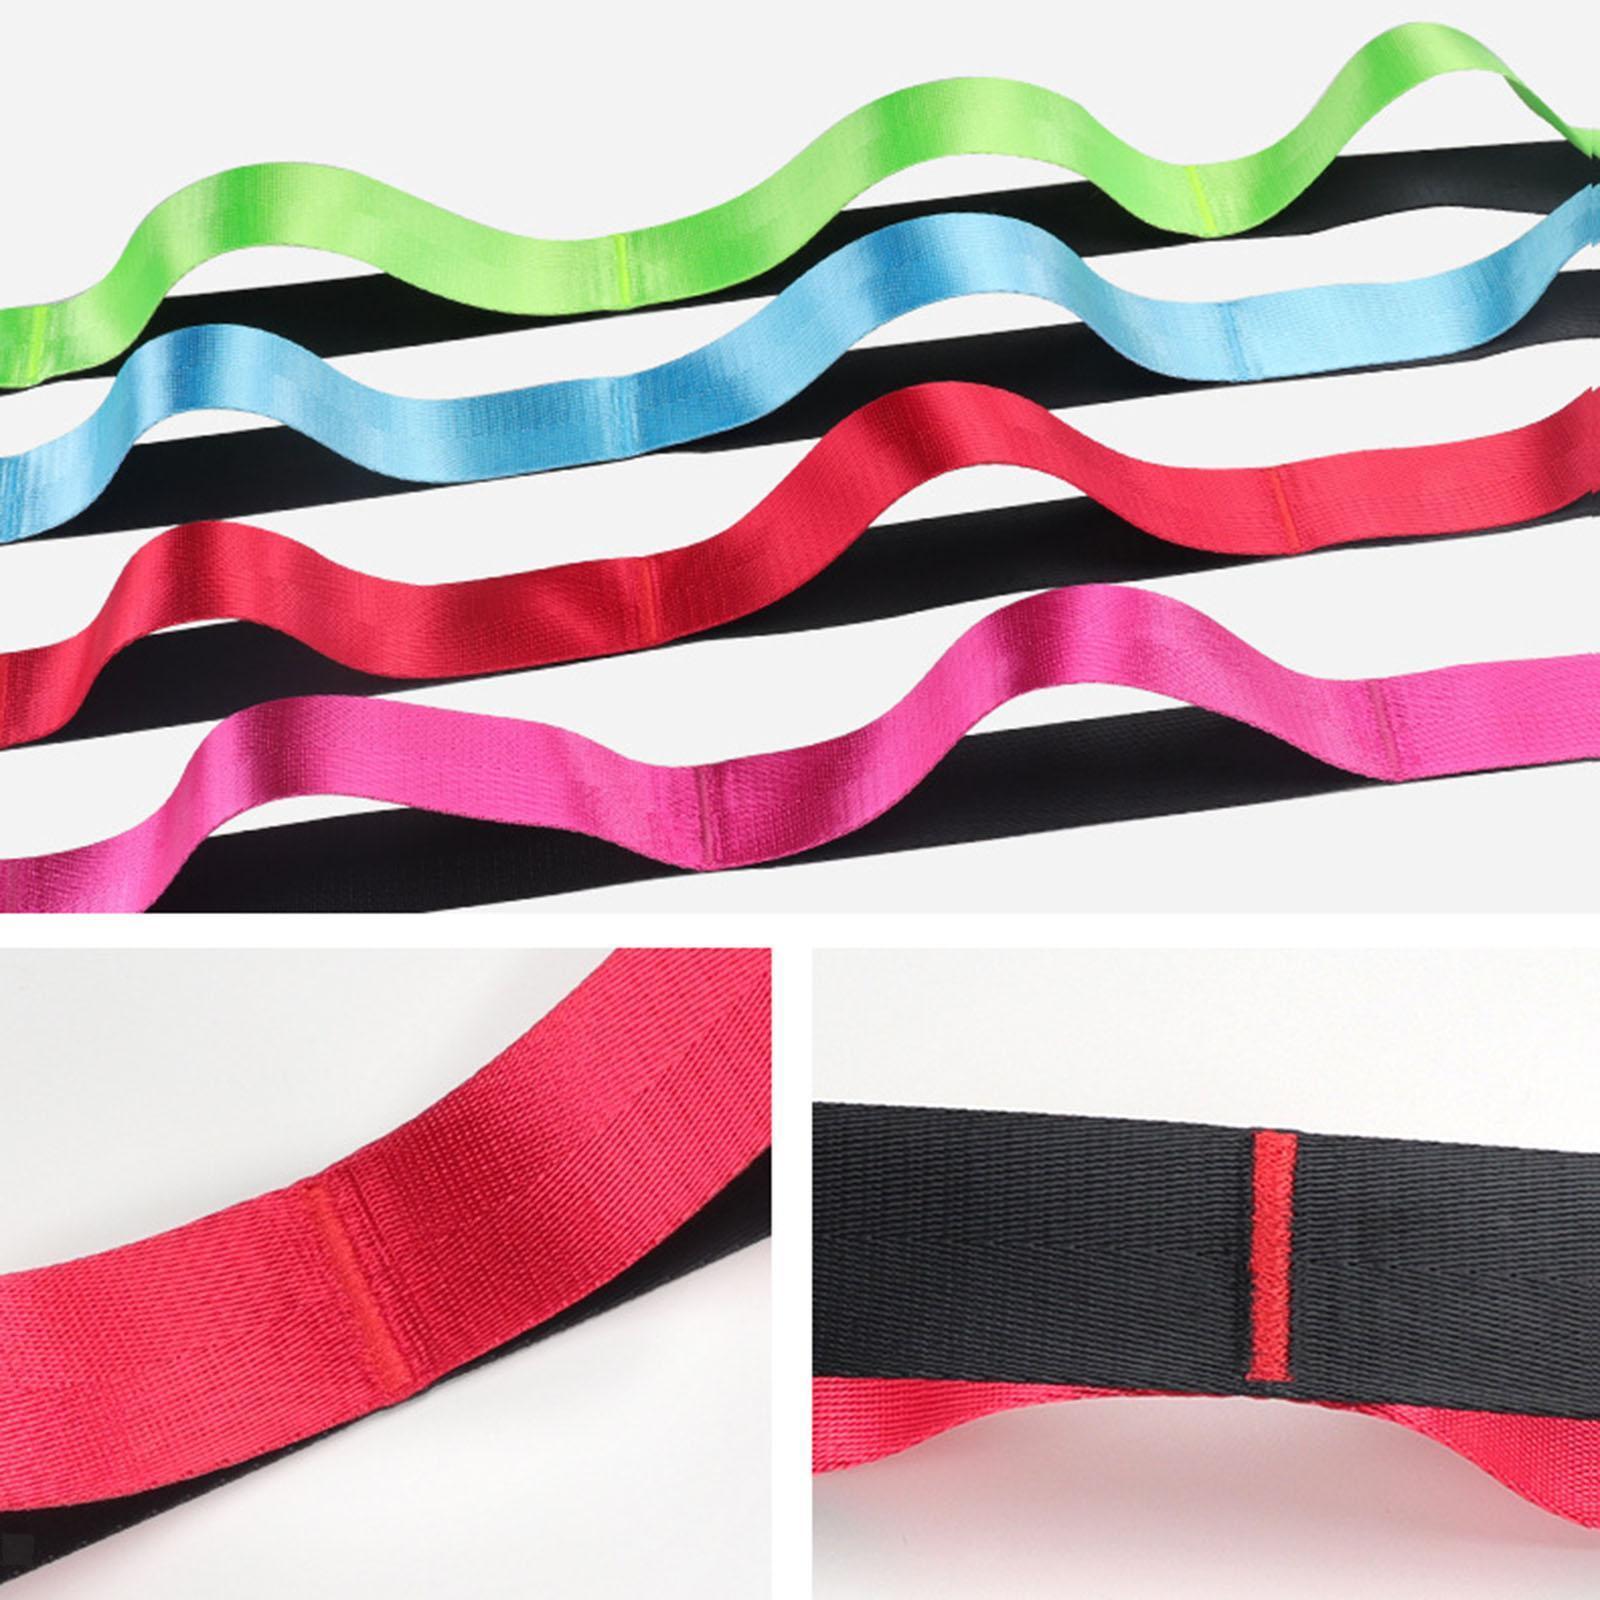 miniatura 21 - Pierna camilla yoga Stretch Strap Latin Dance Gymnastic pull cinturón flexibilidad